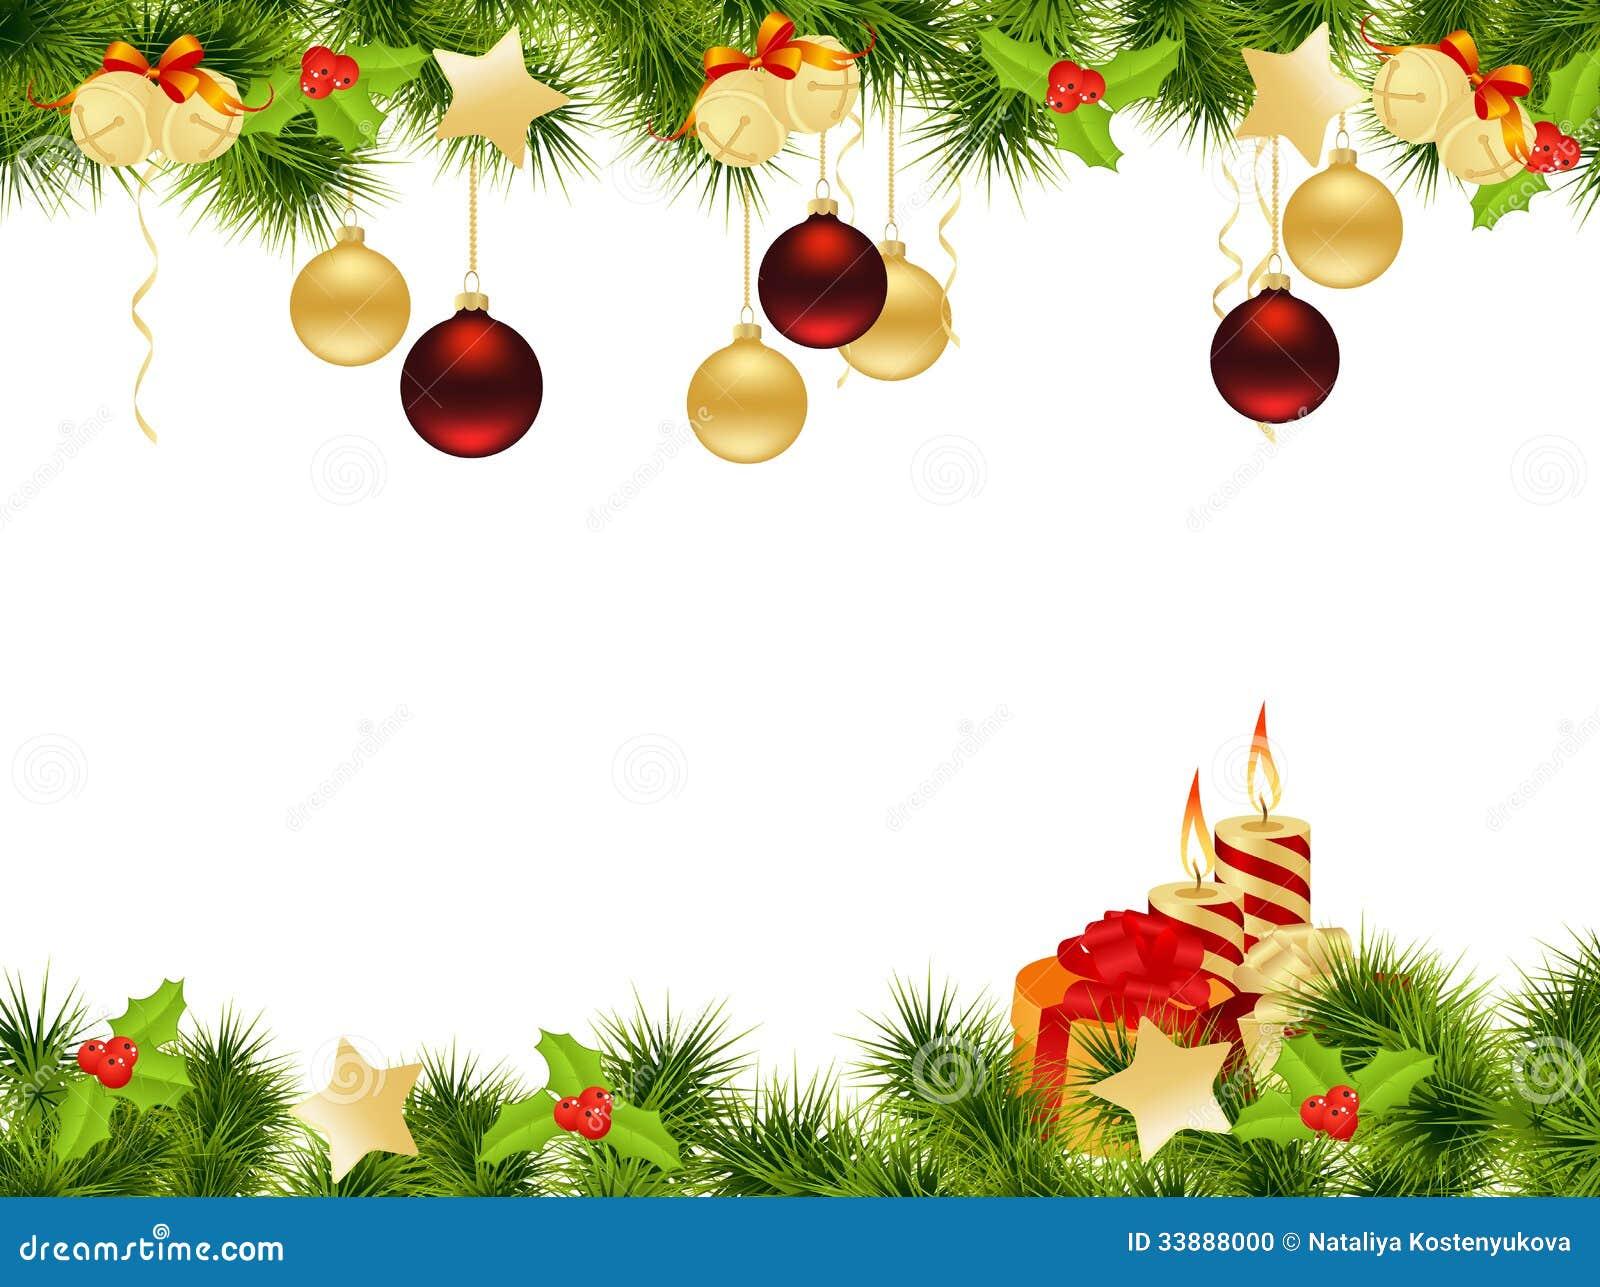 与装饰和媒介的圣诞节密室.传染银行蜡烛.攻略逃脱6逃出例证背景6图片